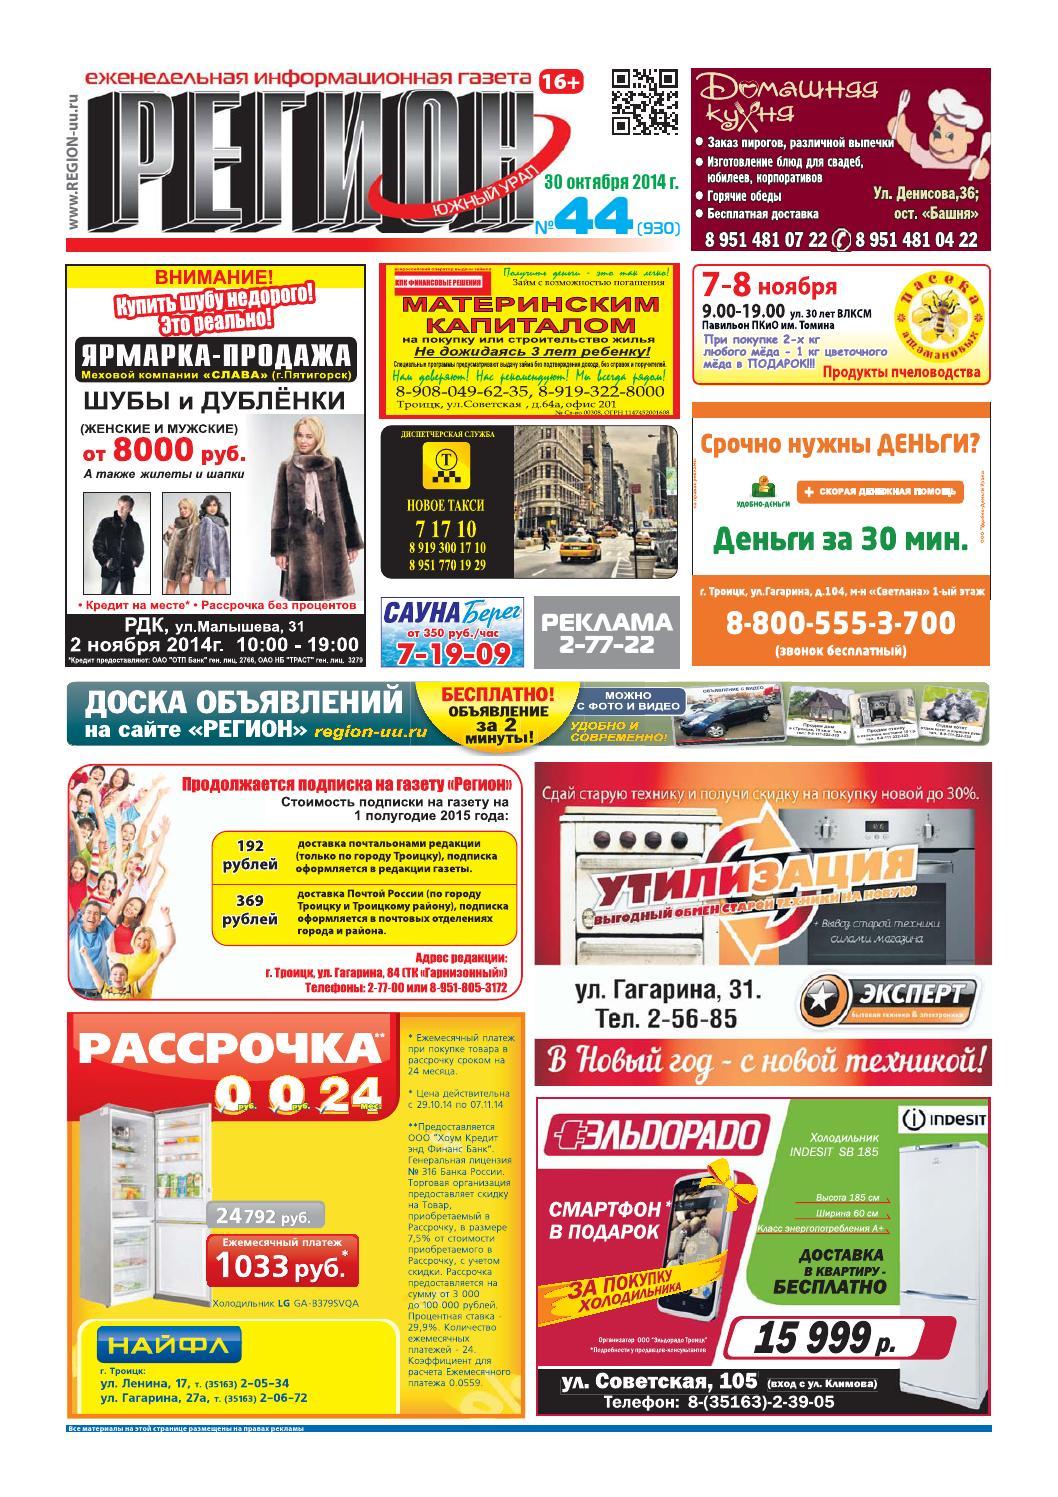 Банк ПСА Финанс Рус — рейтинг, отзывы, адрес, официальный сайт, номера телефонов горячей линии в Краснодаре 90